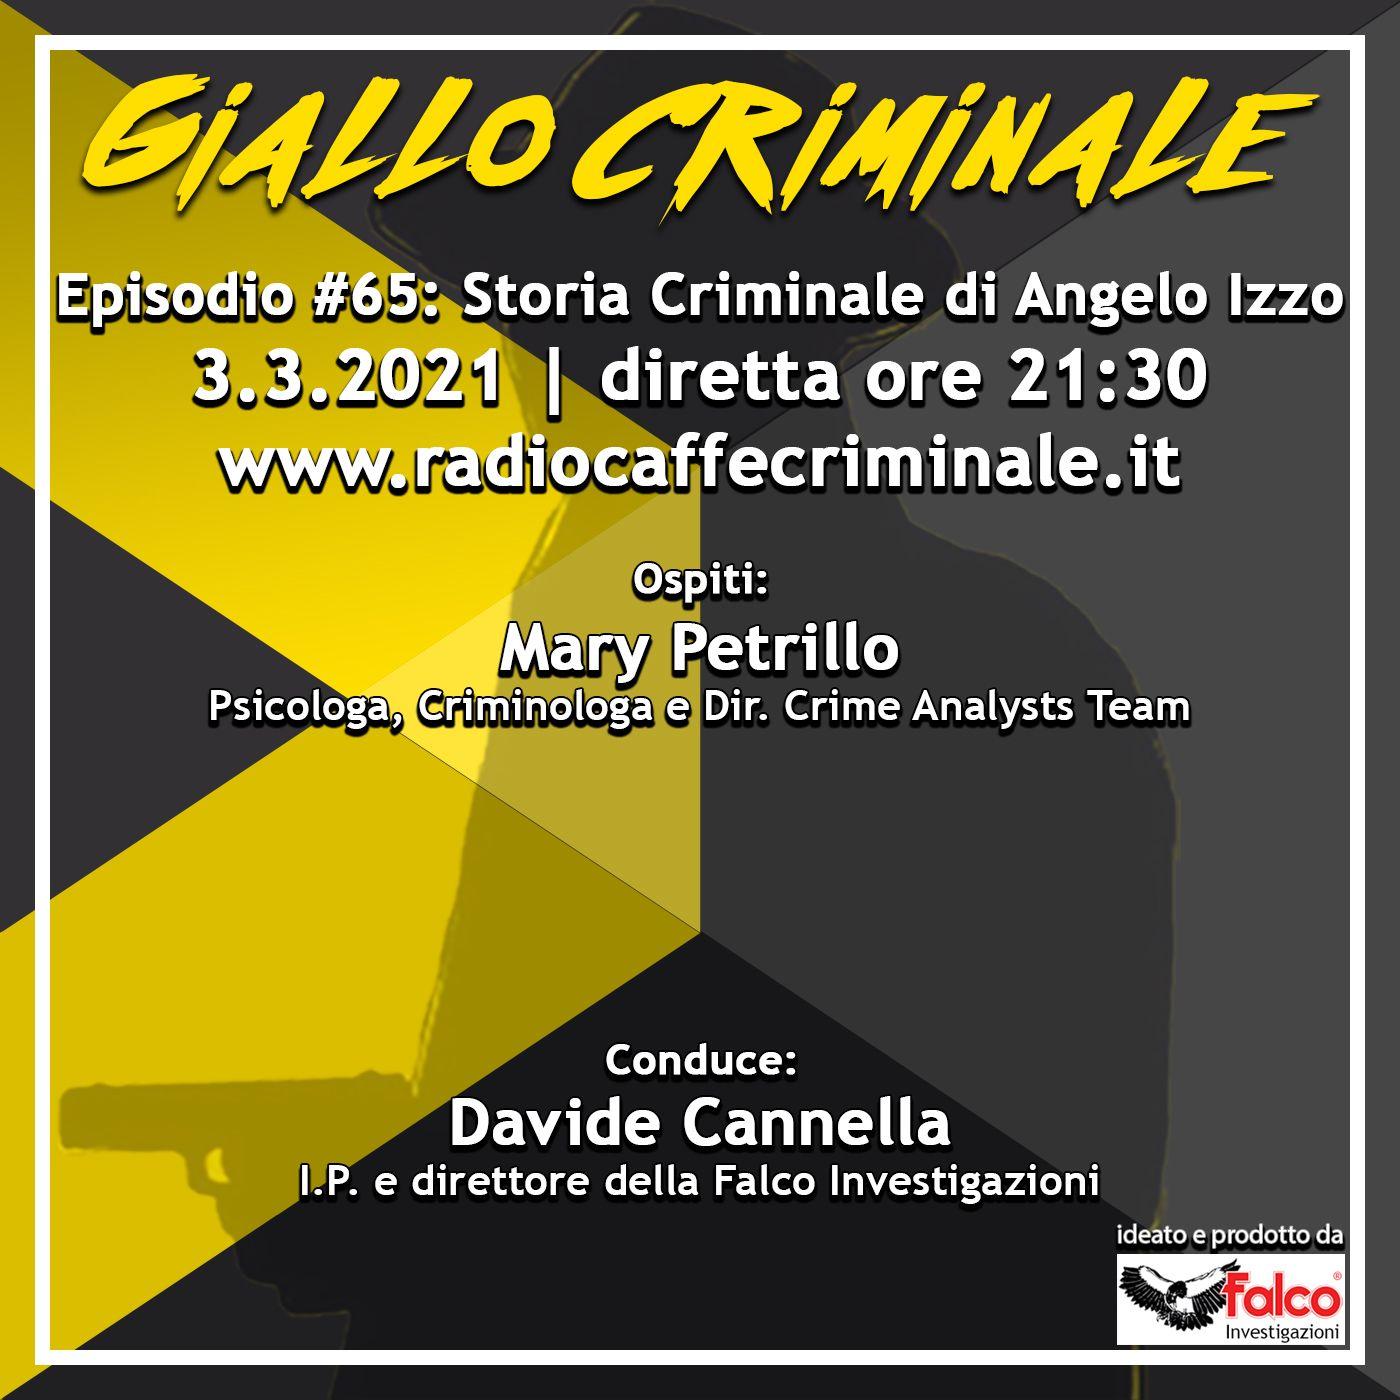 #65 Ep. | Storia Criminale di Angelo Izzo